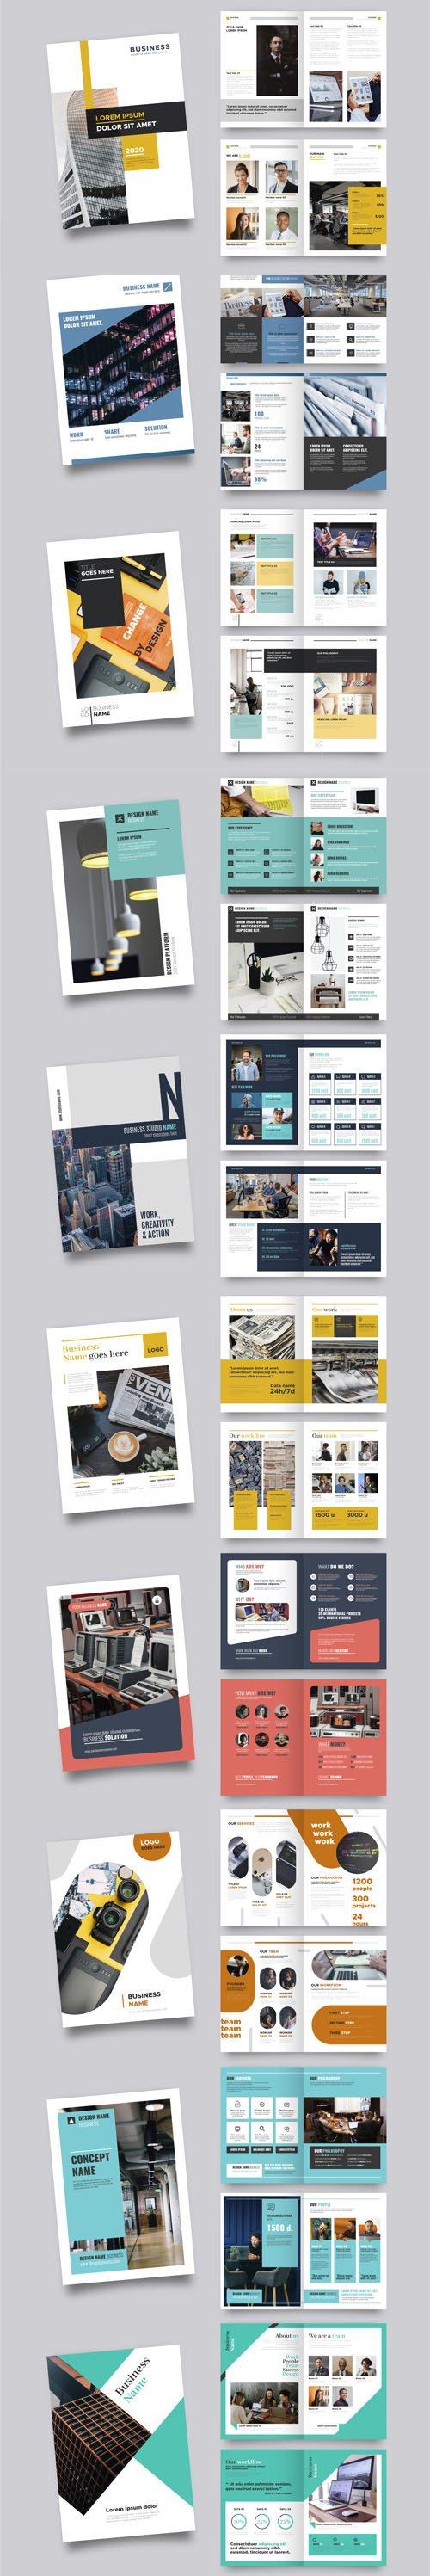 Top 10 Professional Brochure Vector Templates